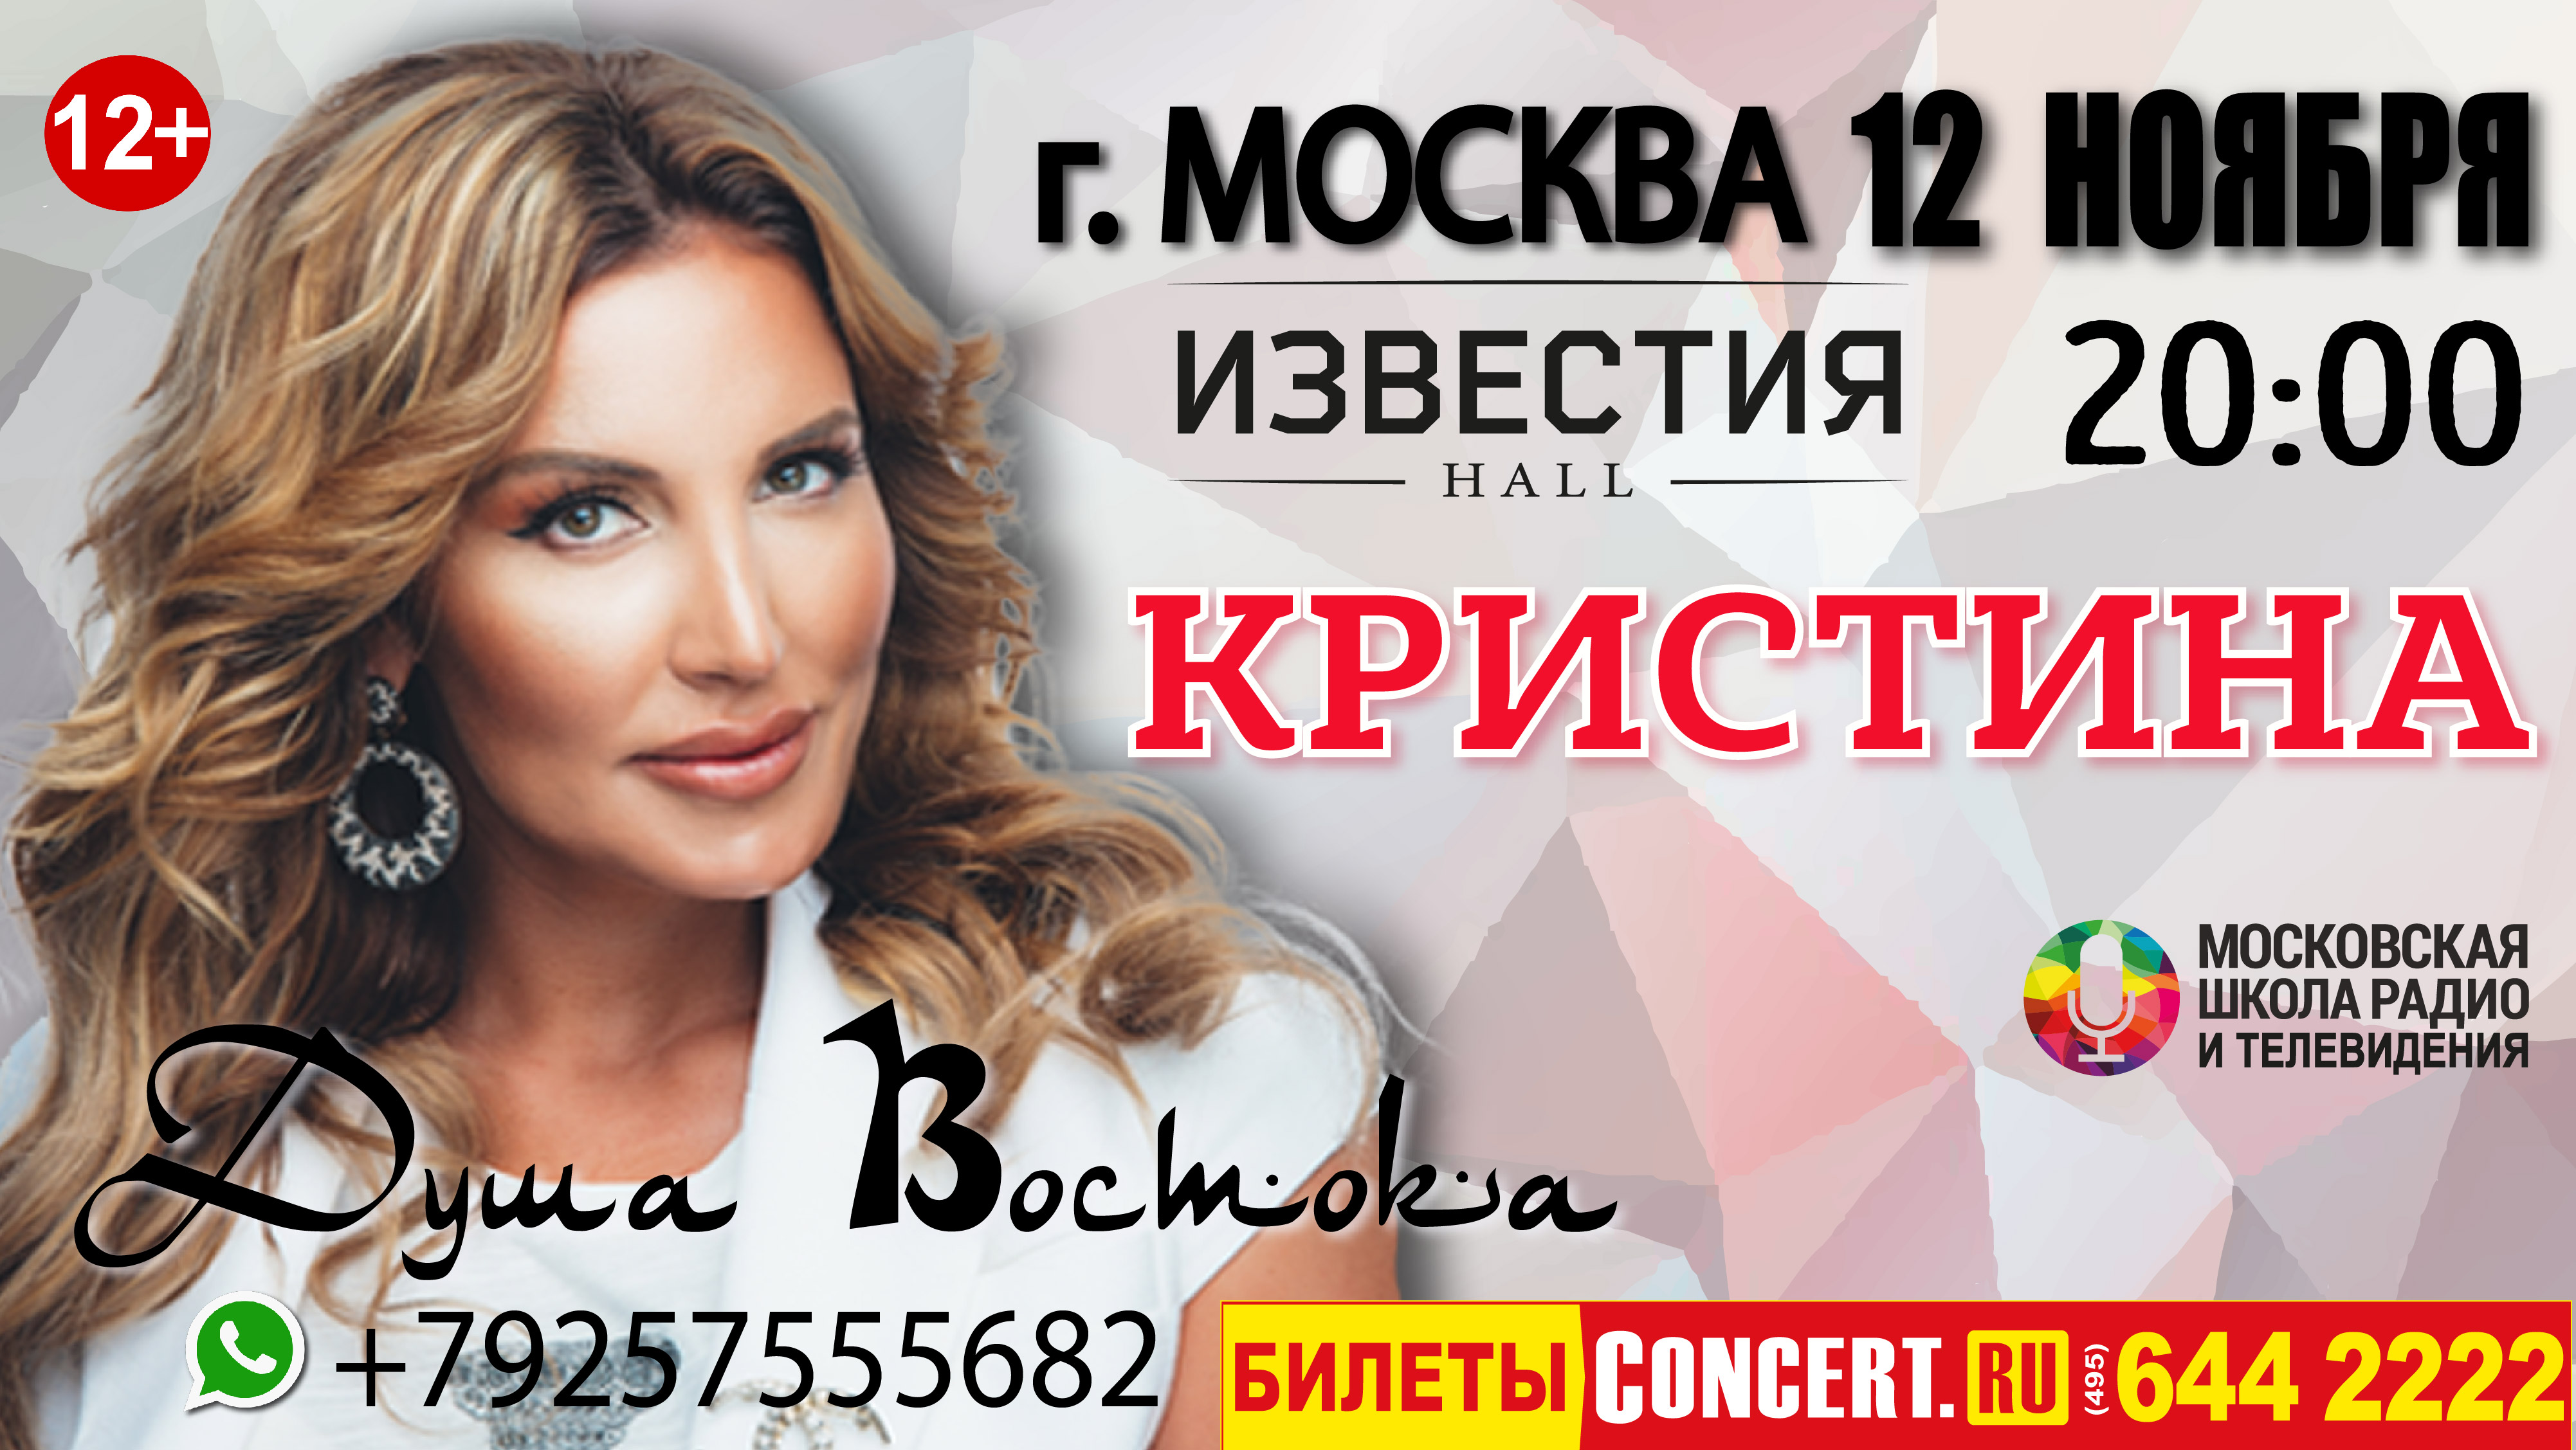 Певица Кристина – Концерт Известия Hall